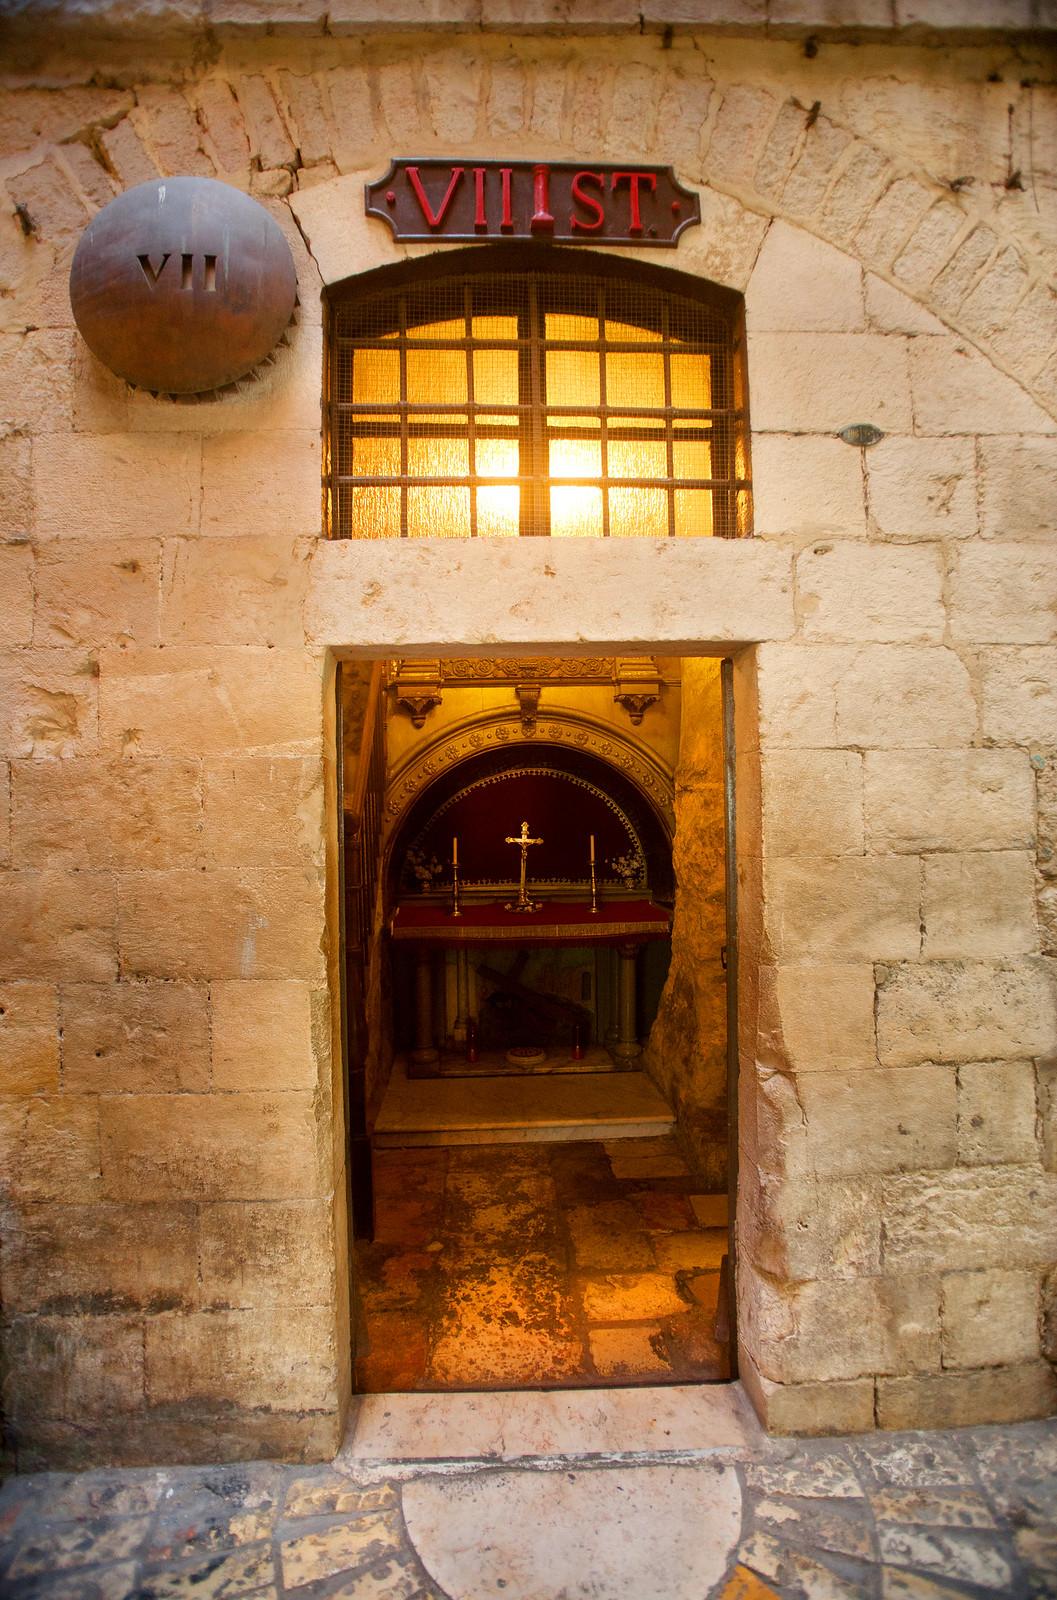 Jerusalem_Via Dolorosa_Station 7 (1)-Noam Chen_IMOT